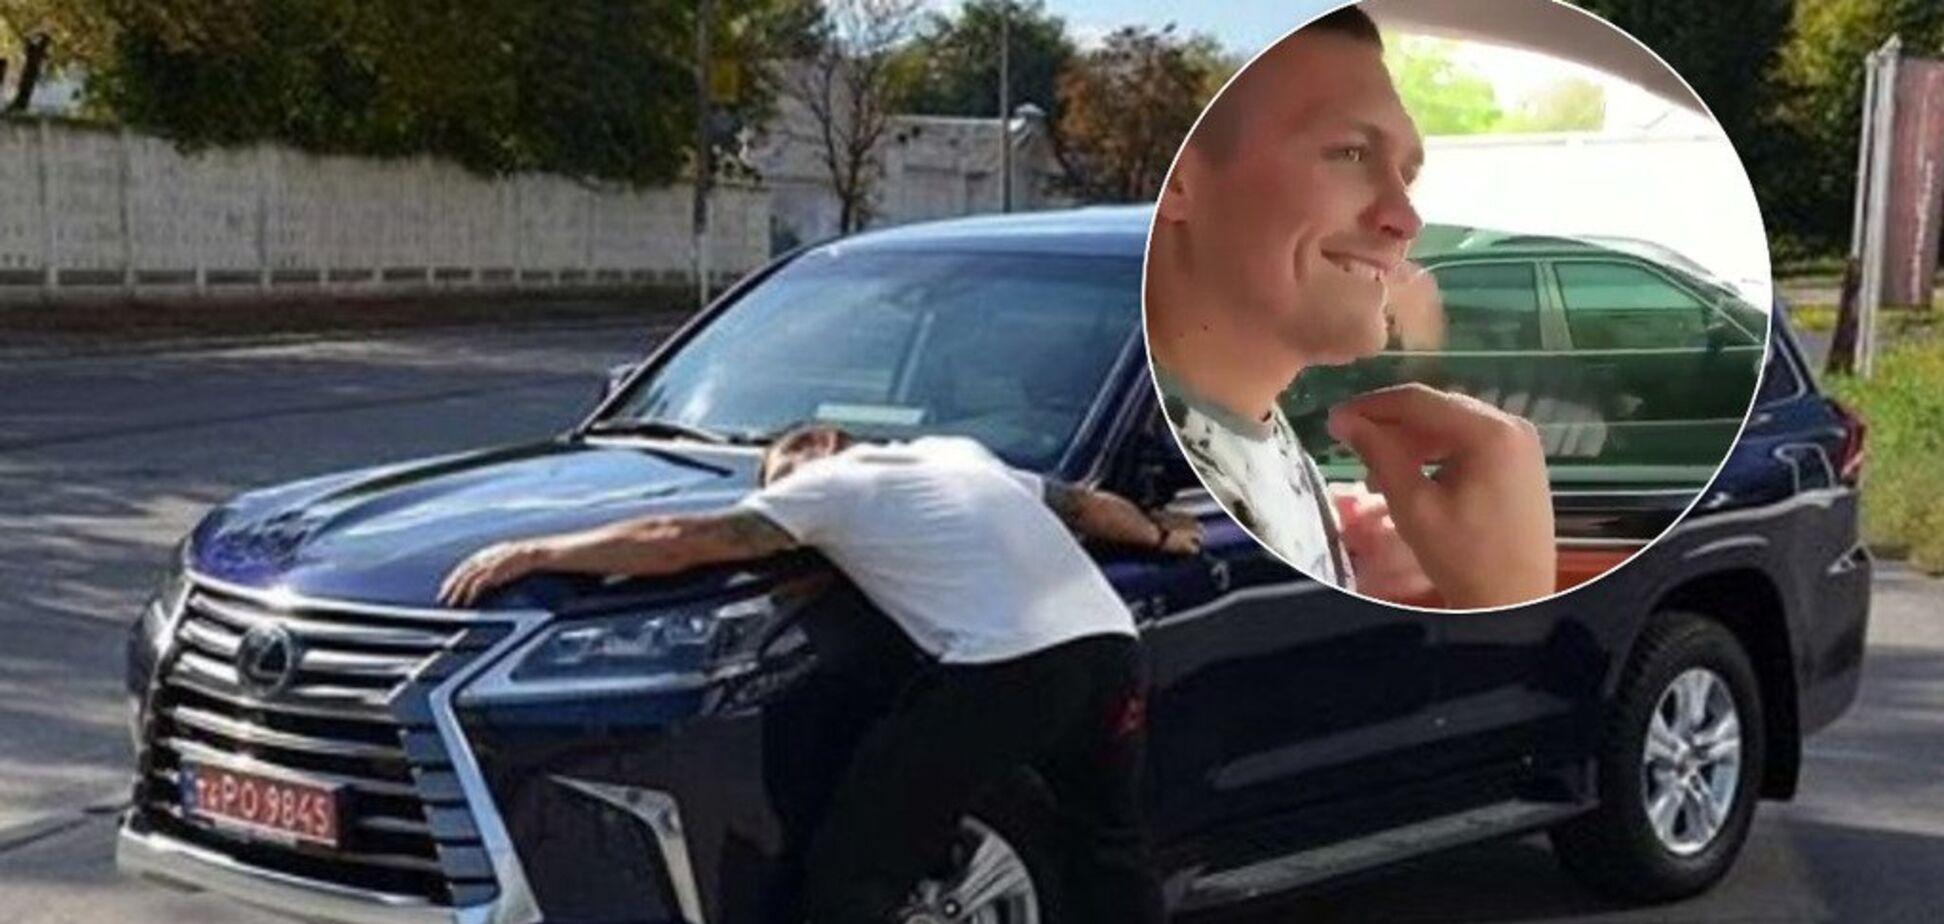 Усик показал, что вытворяет за рулем во время езды - опубликовано видео